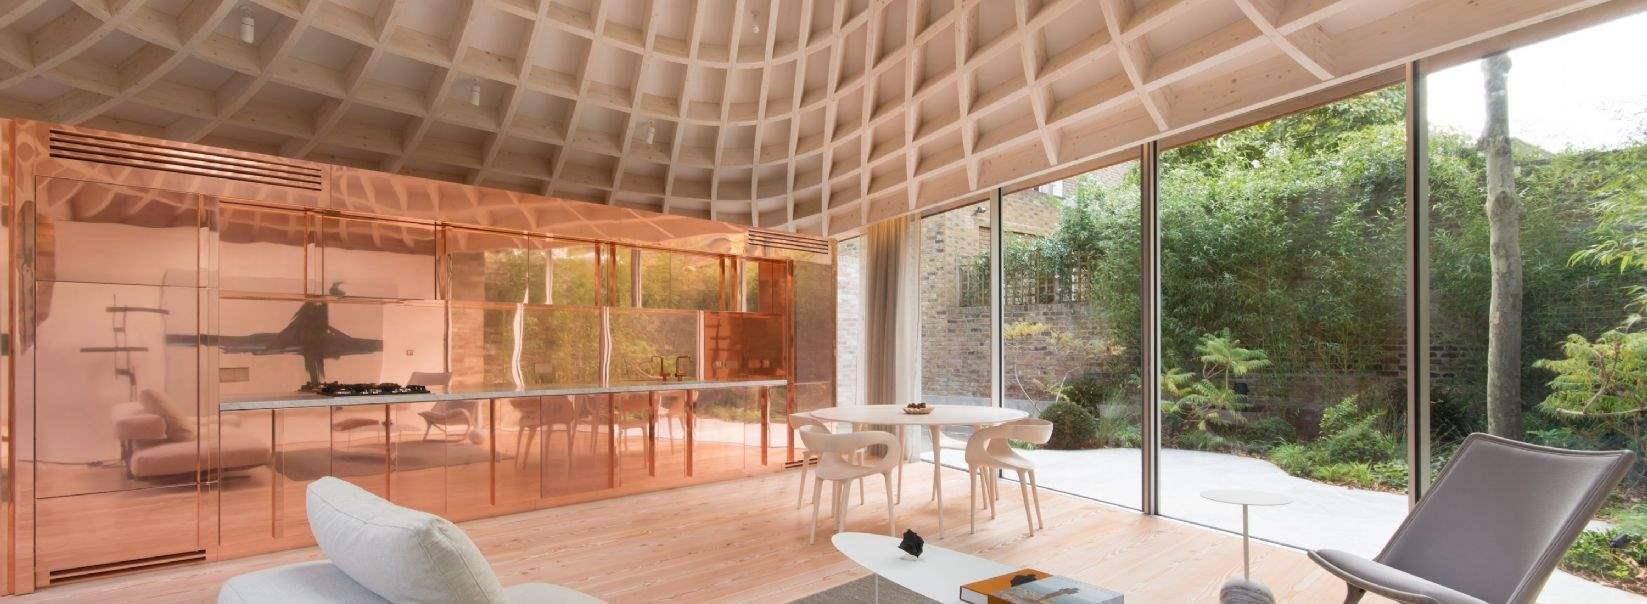 Pavilion, Pembridge Villas, Notting Hill, London W11